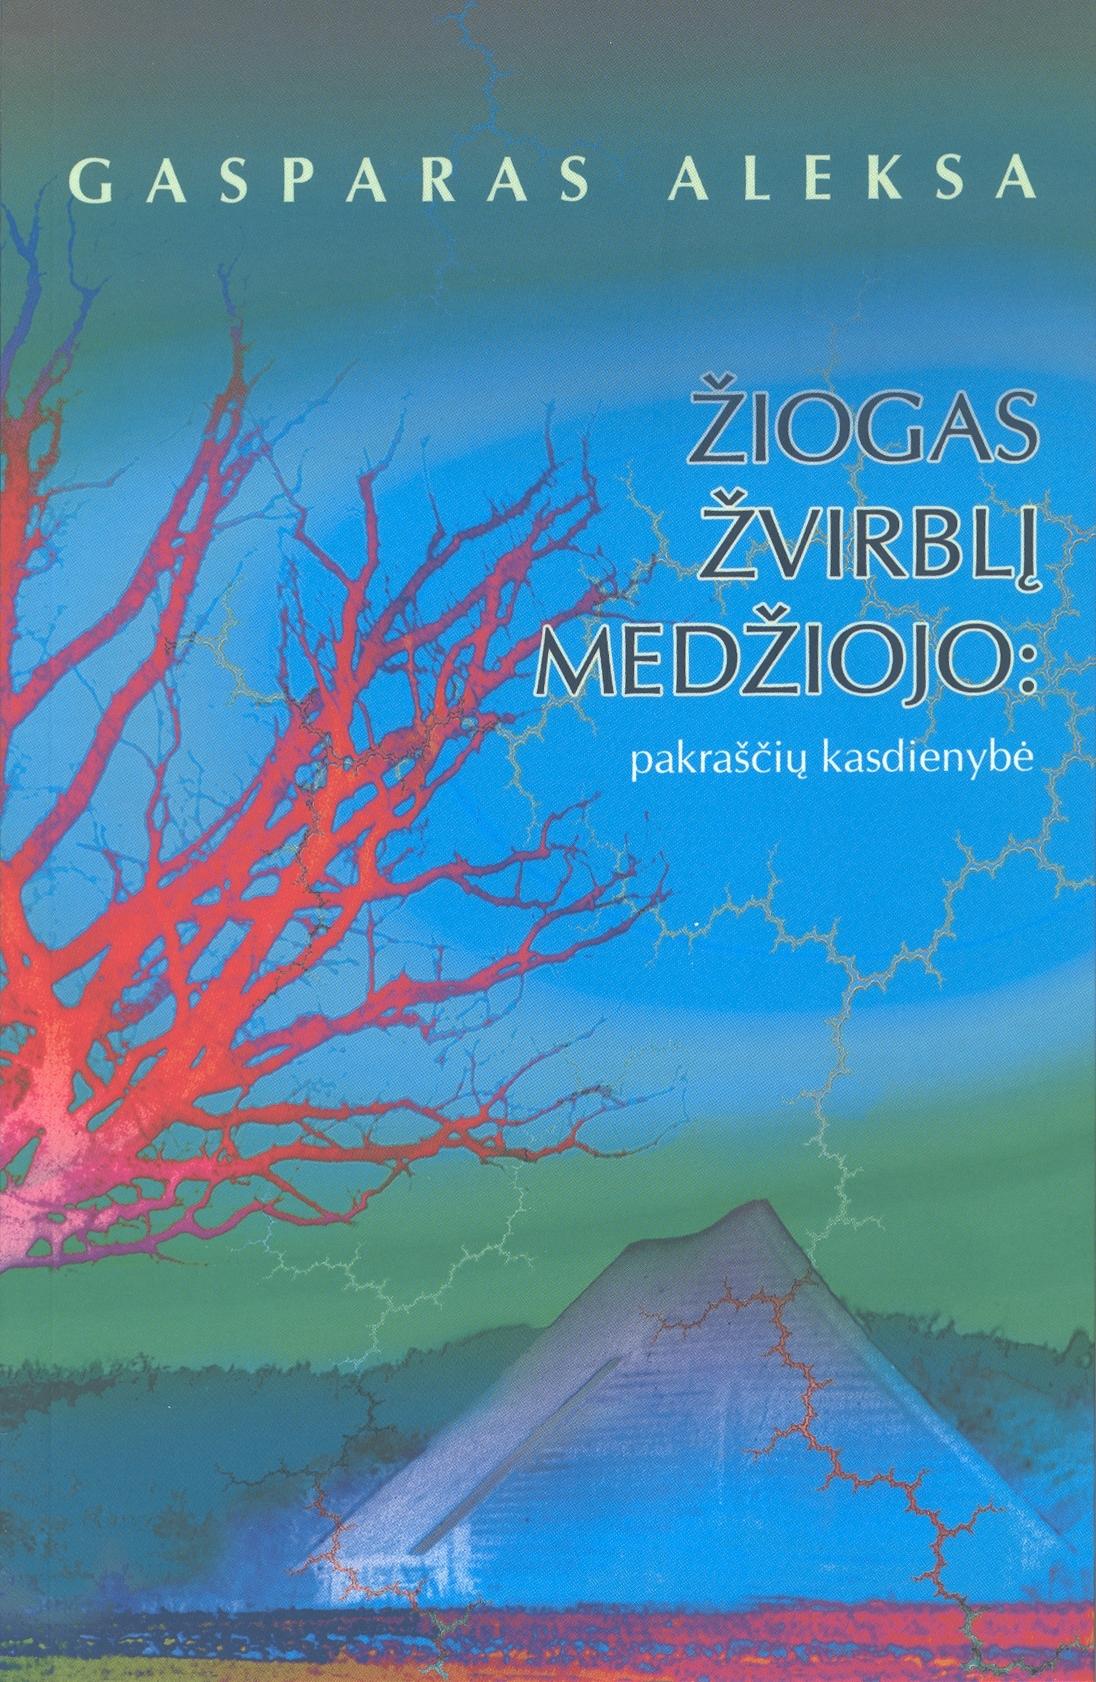 """Gasparas Aleksa """"Žiogas žvirblį medžiojo: pakraščių kasdienybė"""" (Kaunas: Kauko laiptai, 2012)"""